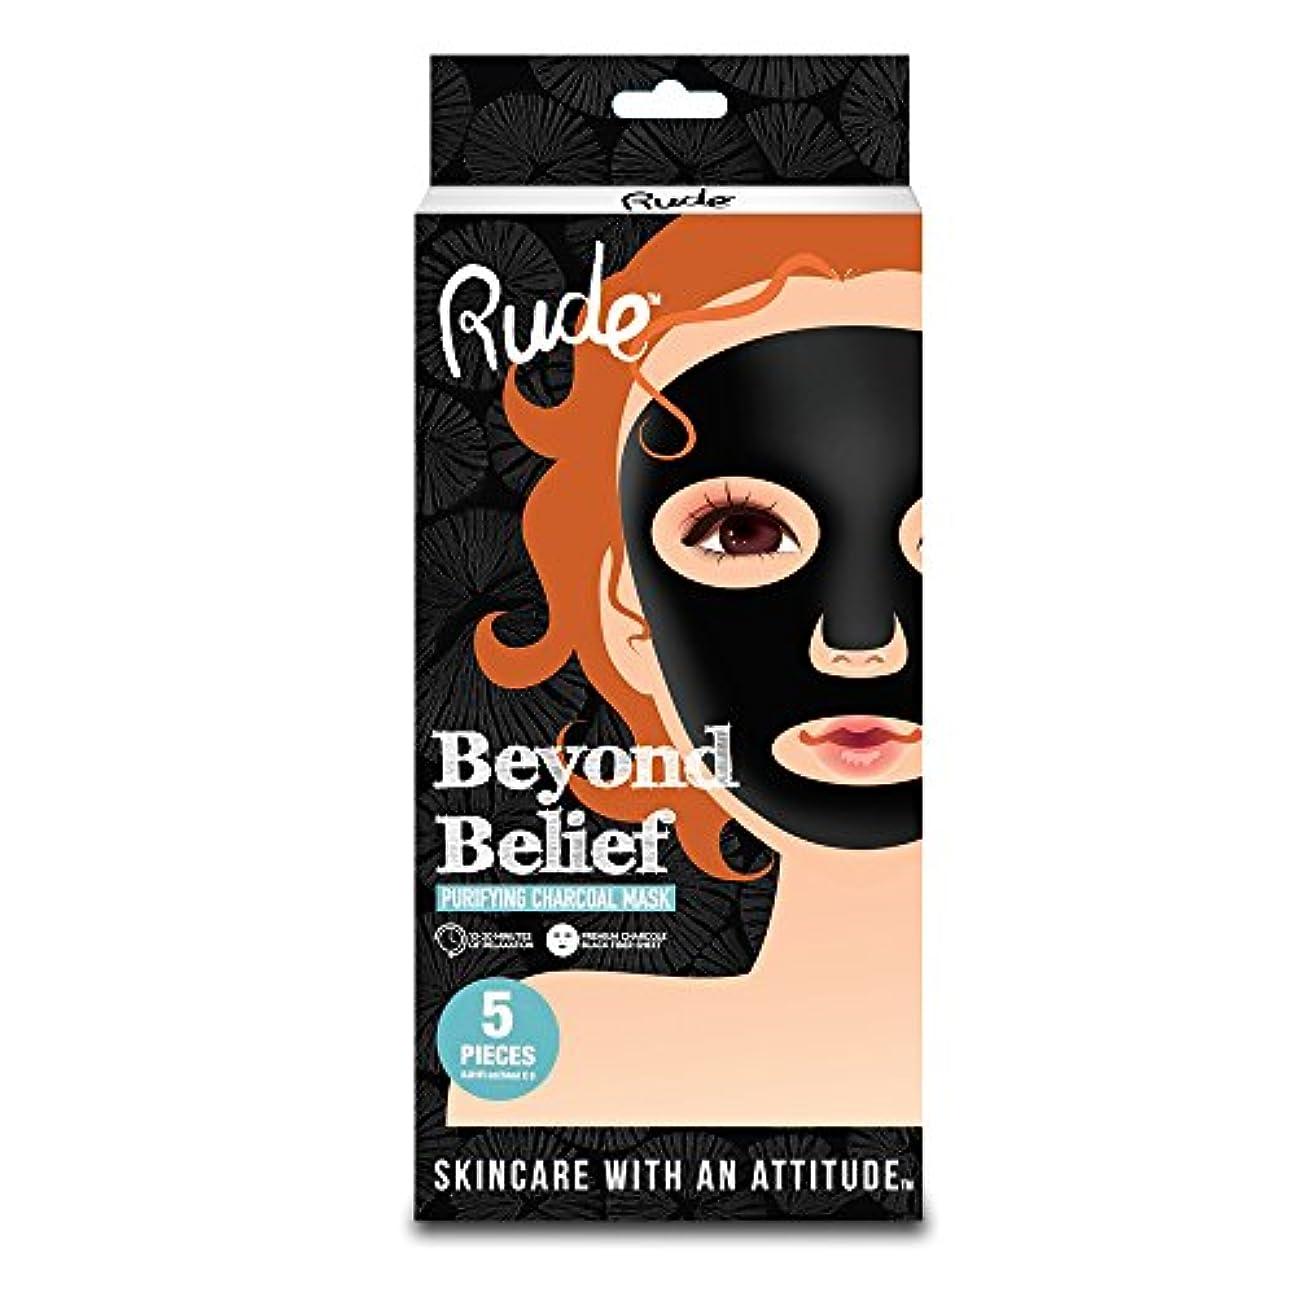 剥離親愛な予想外RUDE Beyond Belief Purifying Charcoal Mask 5 Piece Pack (並行輸入品)